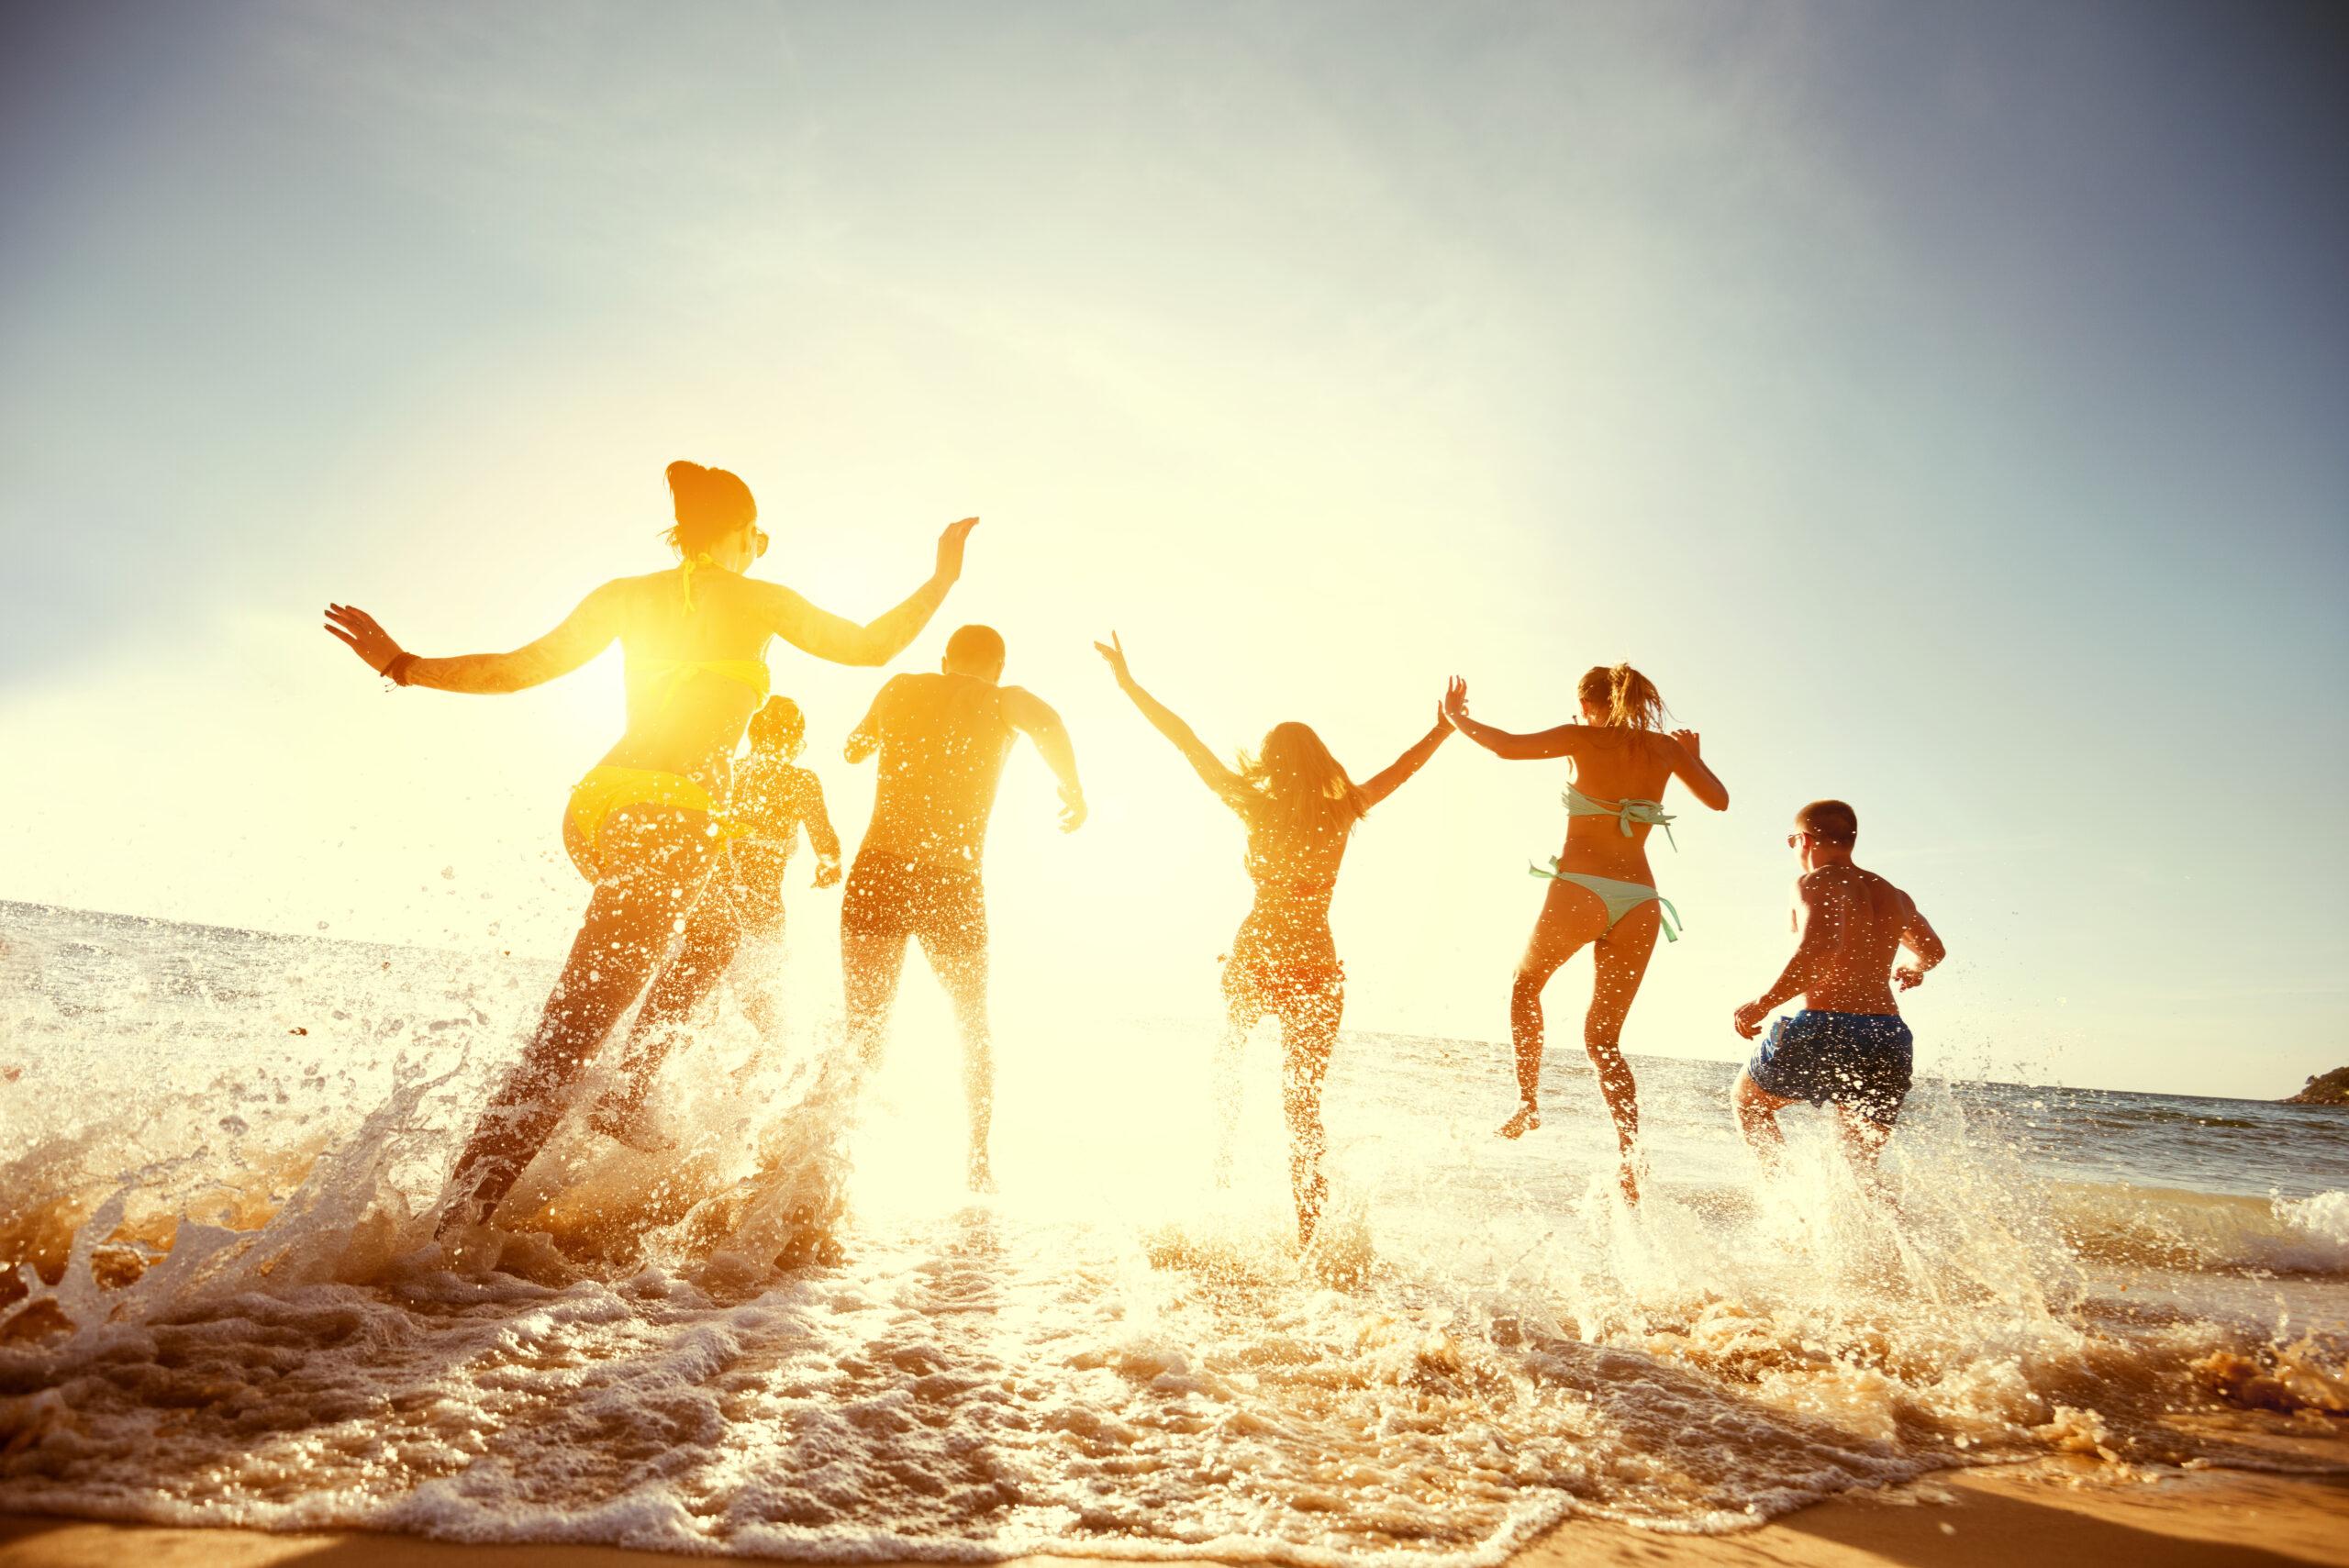 Menschen in Badeklamotten laufen ins Wasser